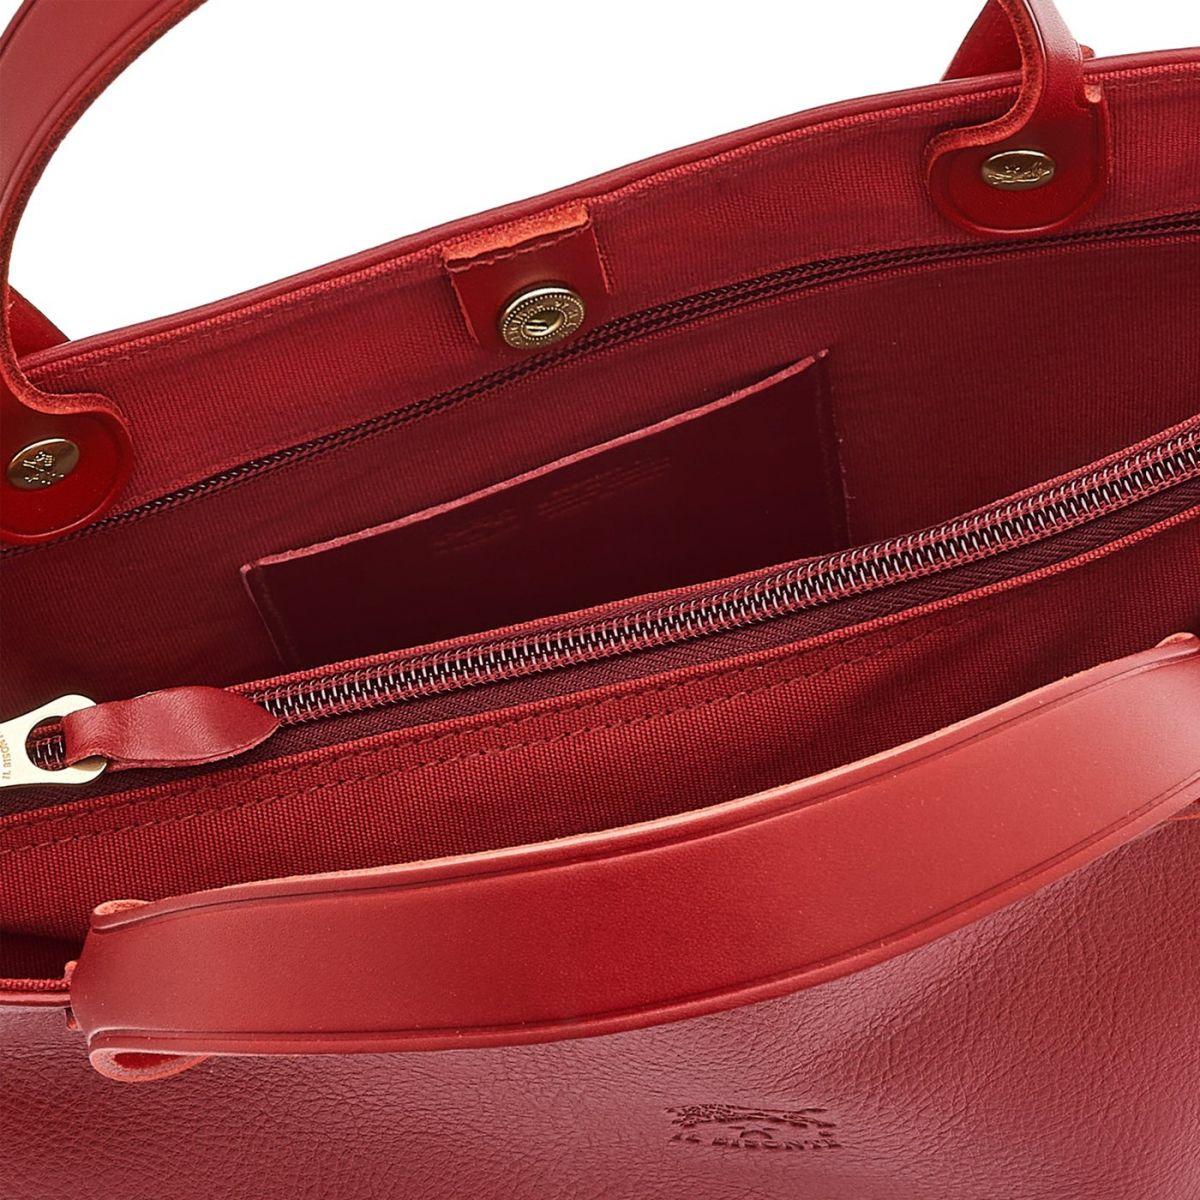 Federica - Sac A Main pour Femme en Cuir De Vachette Doublé BTH016 couleur Rouge | Details